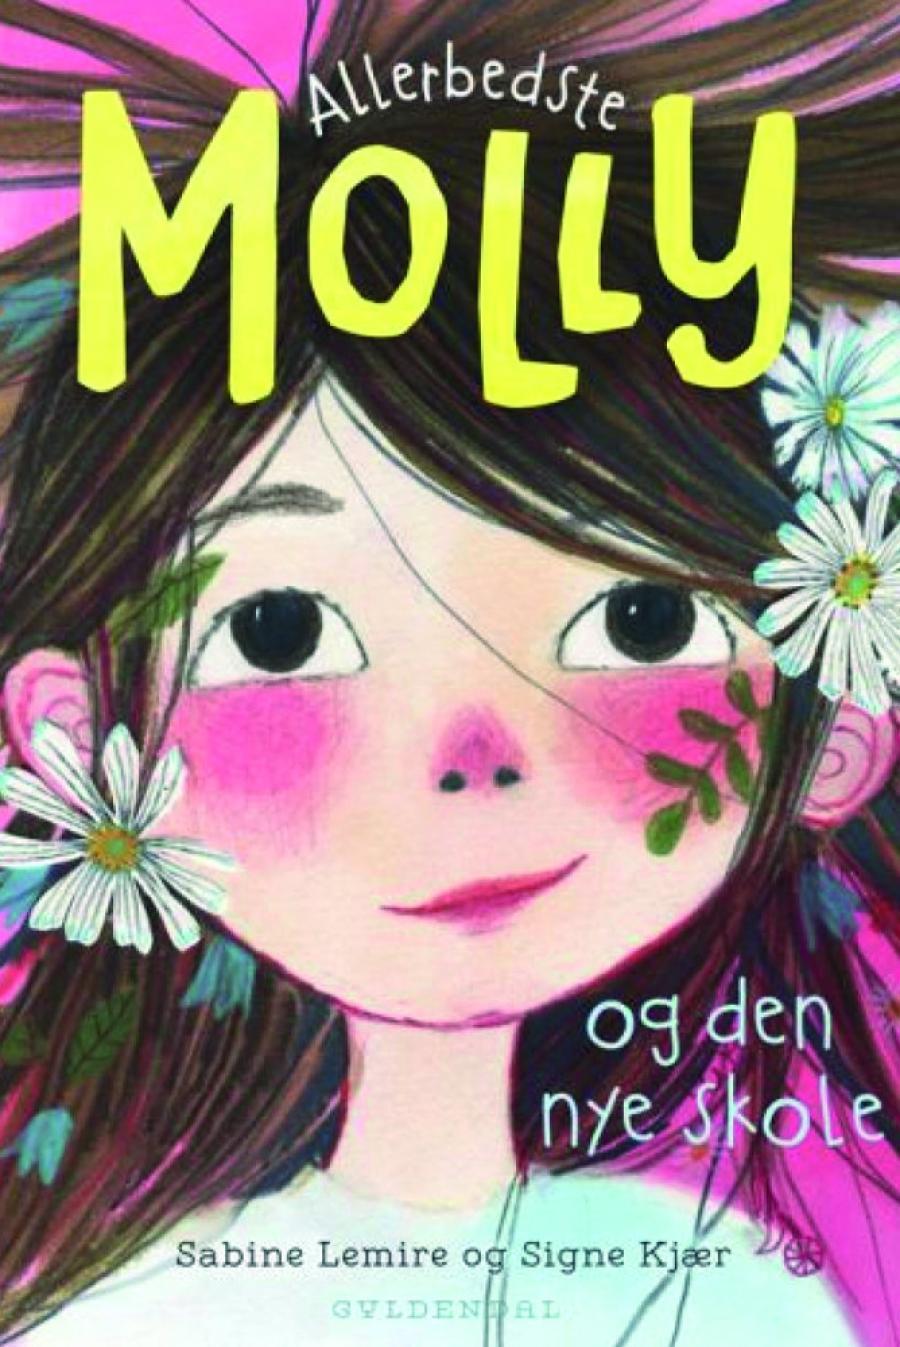 Allerbedste Molly – og den nye skole